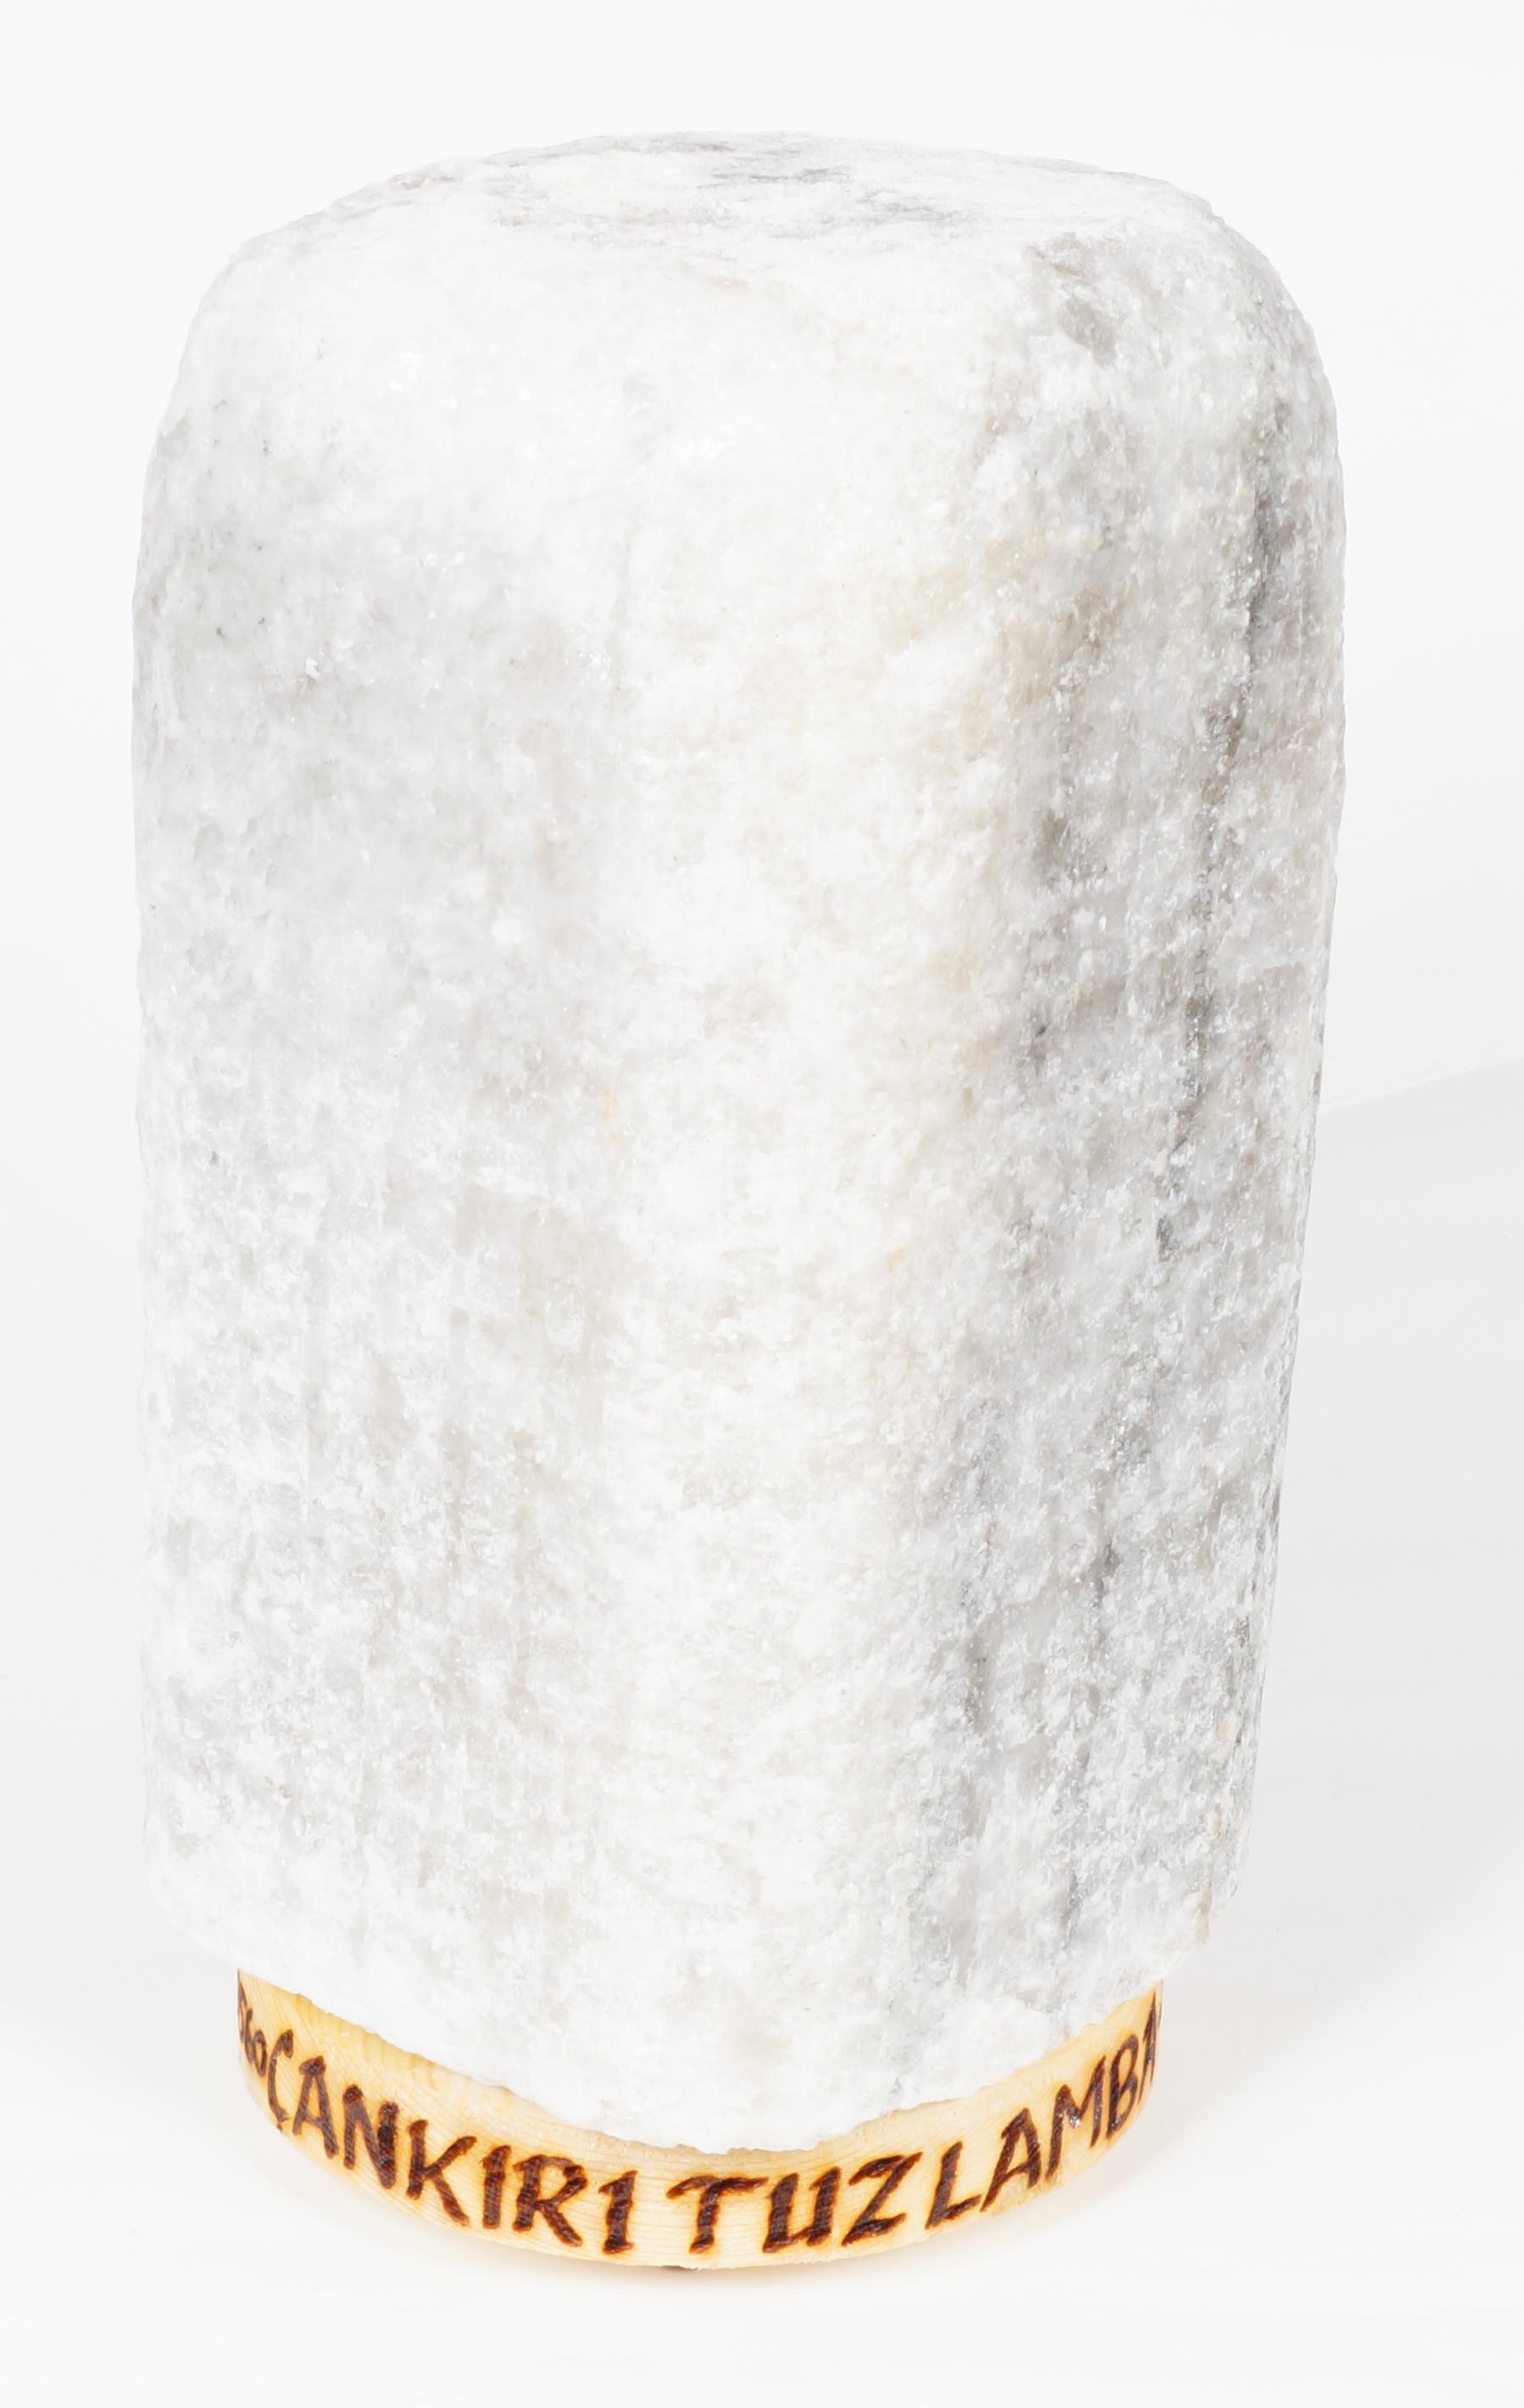 Doğal kristal tuz lambası tanımı ve özellikleri